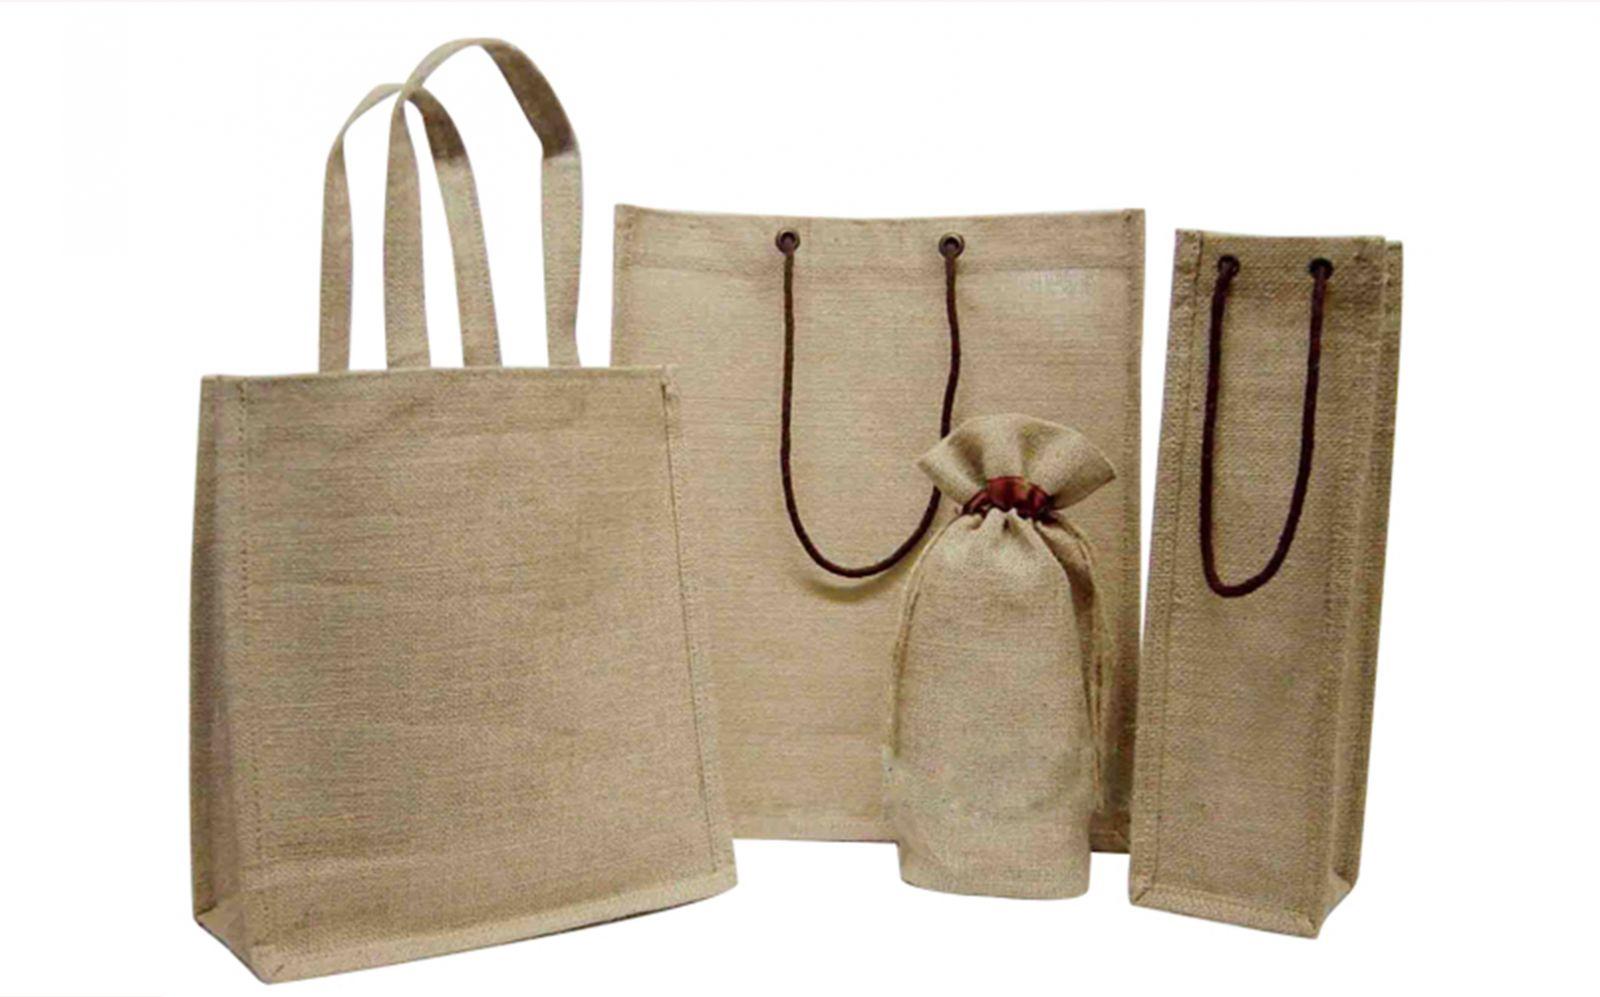 Túi vải đay Trí Việt chuyên thiết kế, in ấn, sản xuất túi vải đay chất lượng, mẫu mã đẹp và theo yêu cầu của khách hàng.